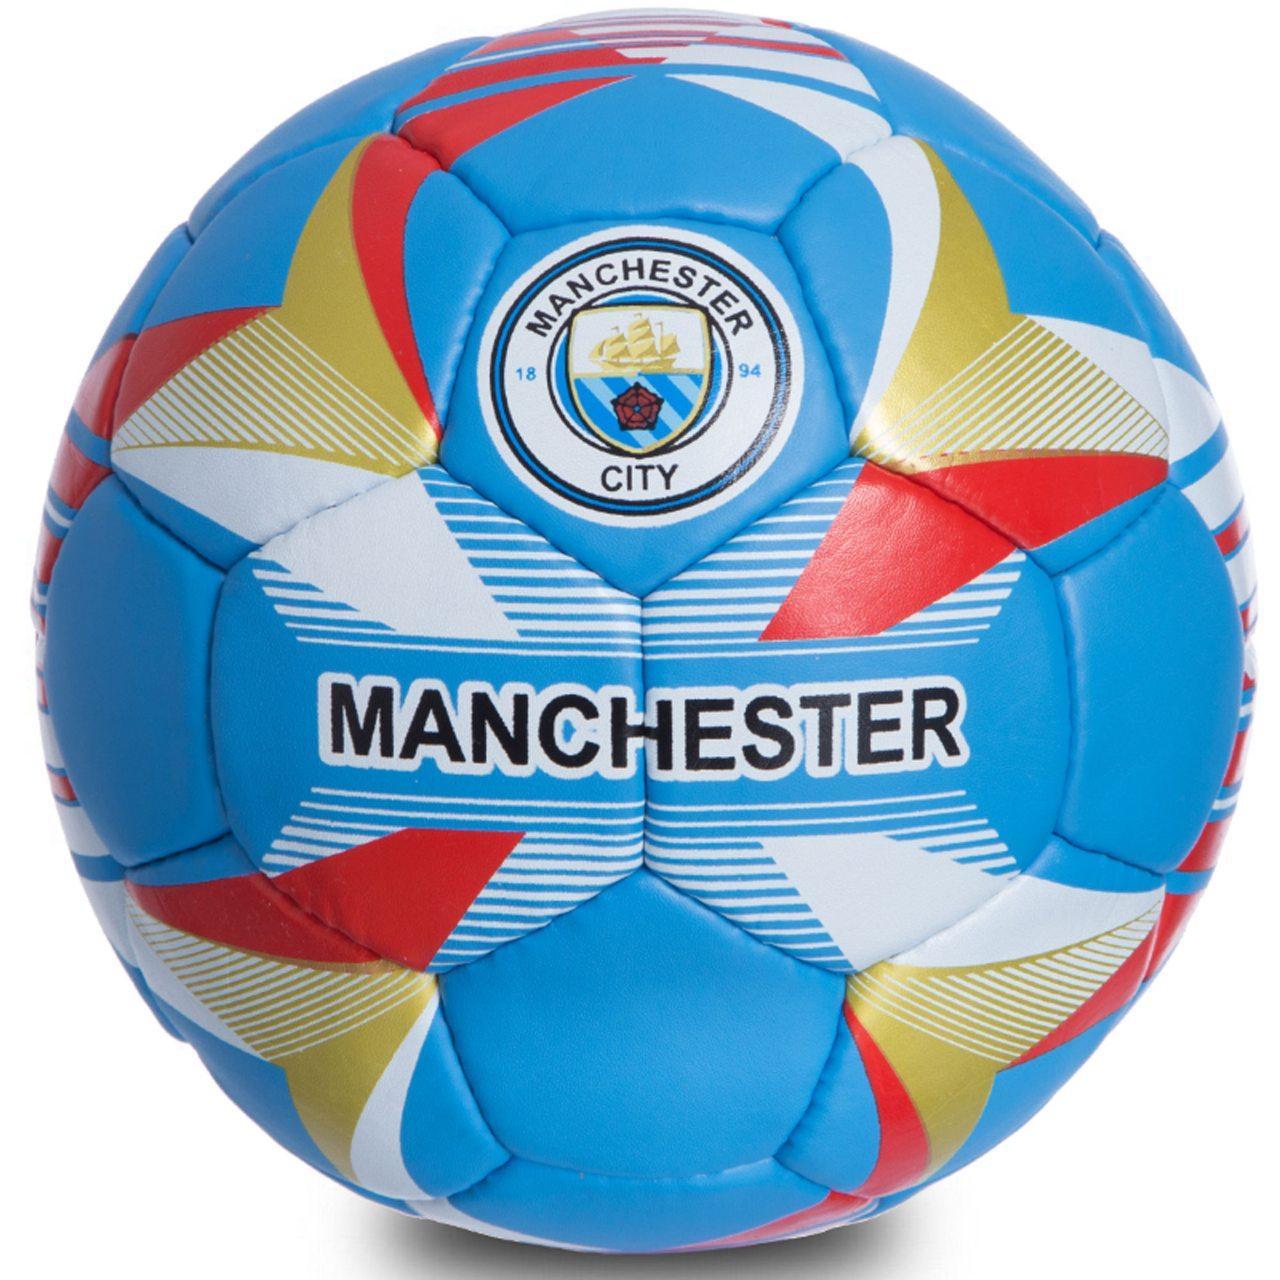 Футбольный мяч Манчестер Сити голубой